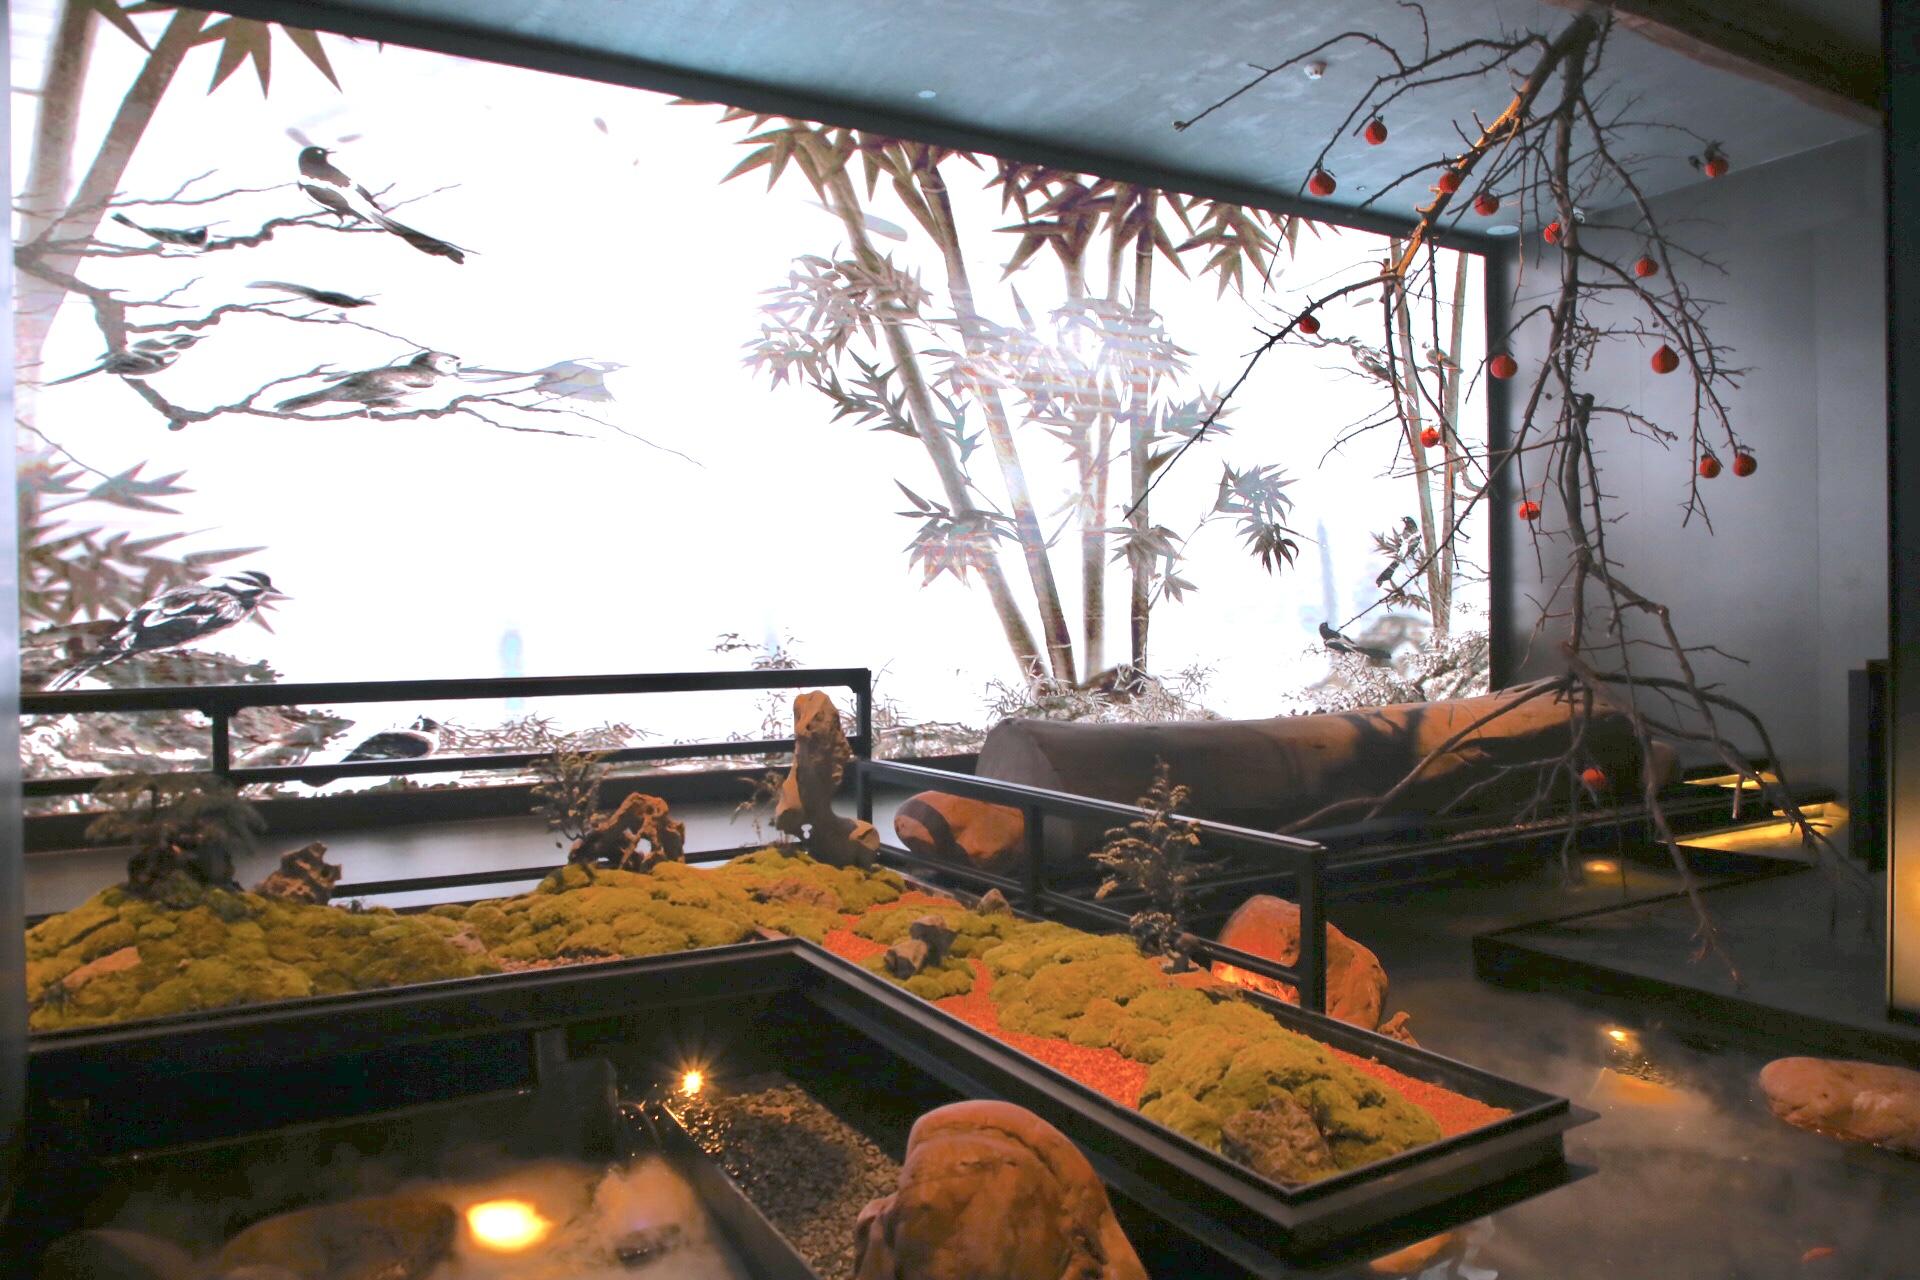 晋阳雅叙——一个可以用餐的艺